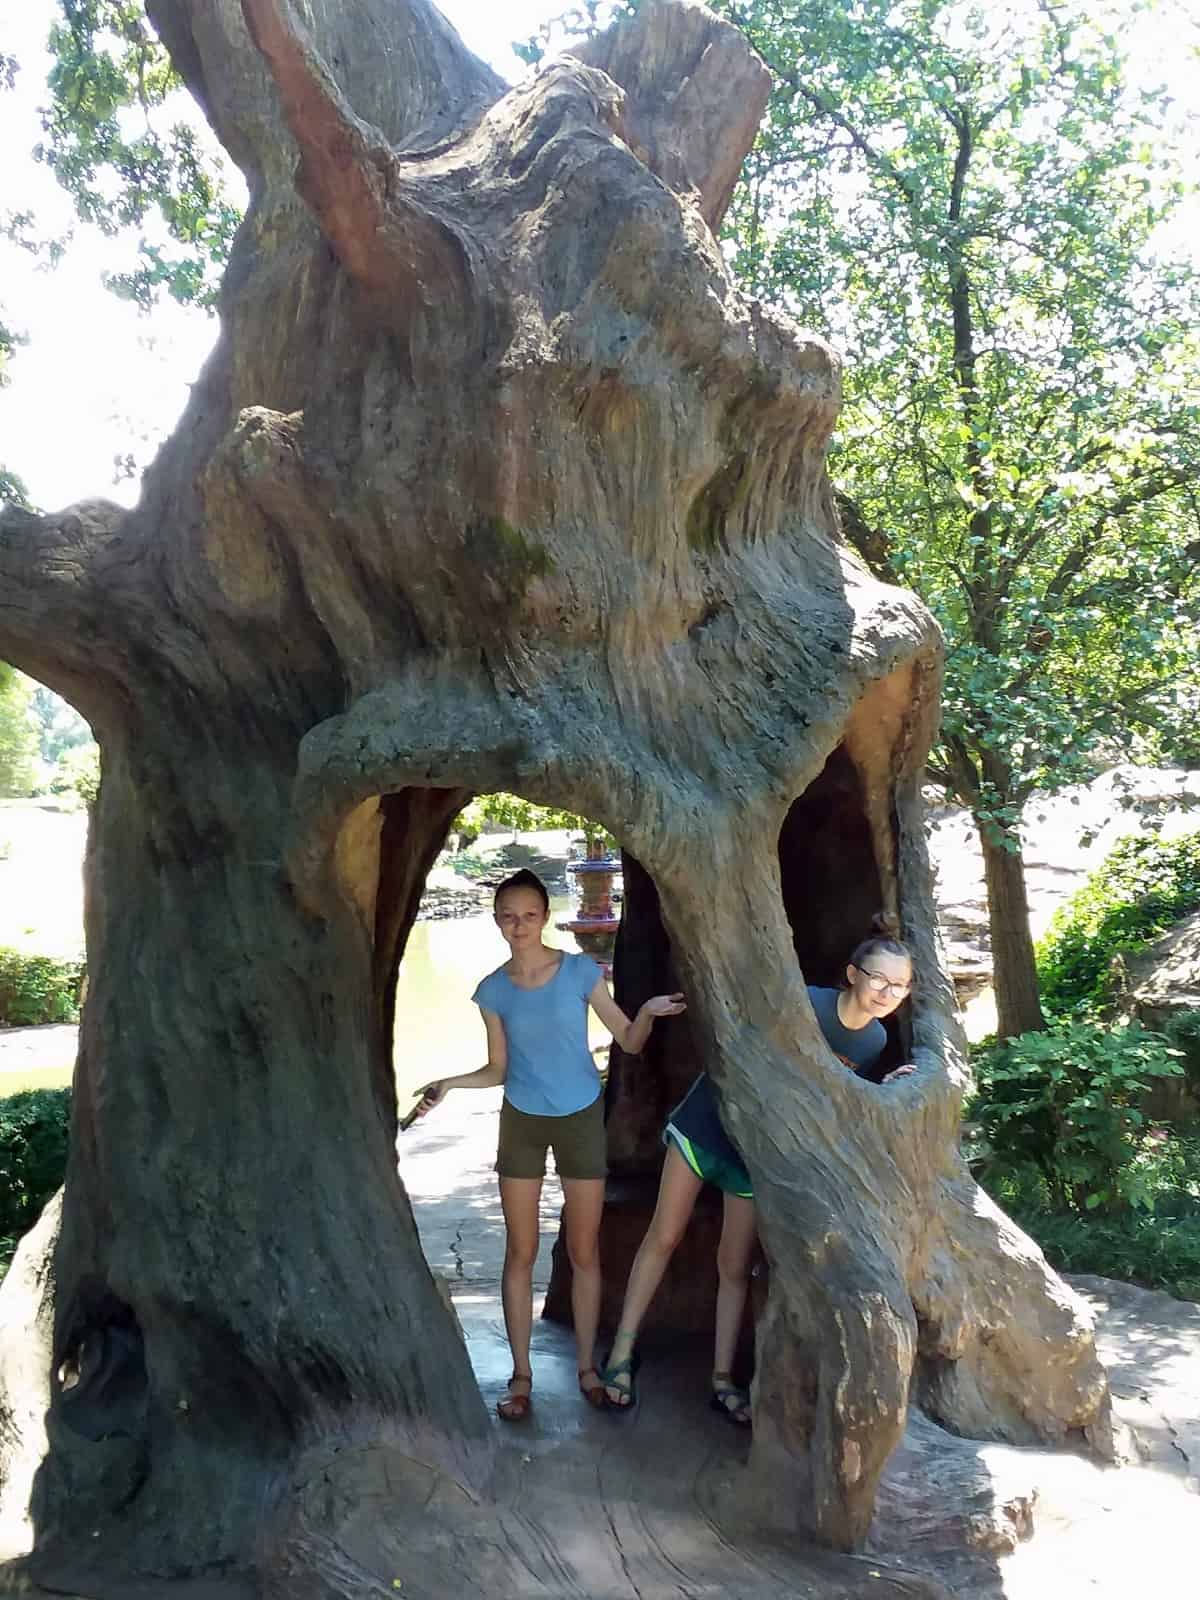 Girls Standing inside Faux Bois Tree